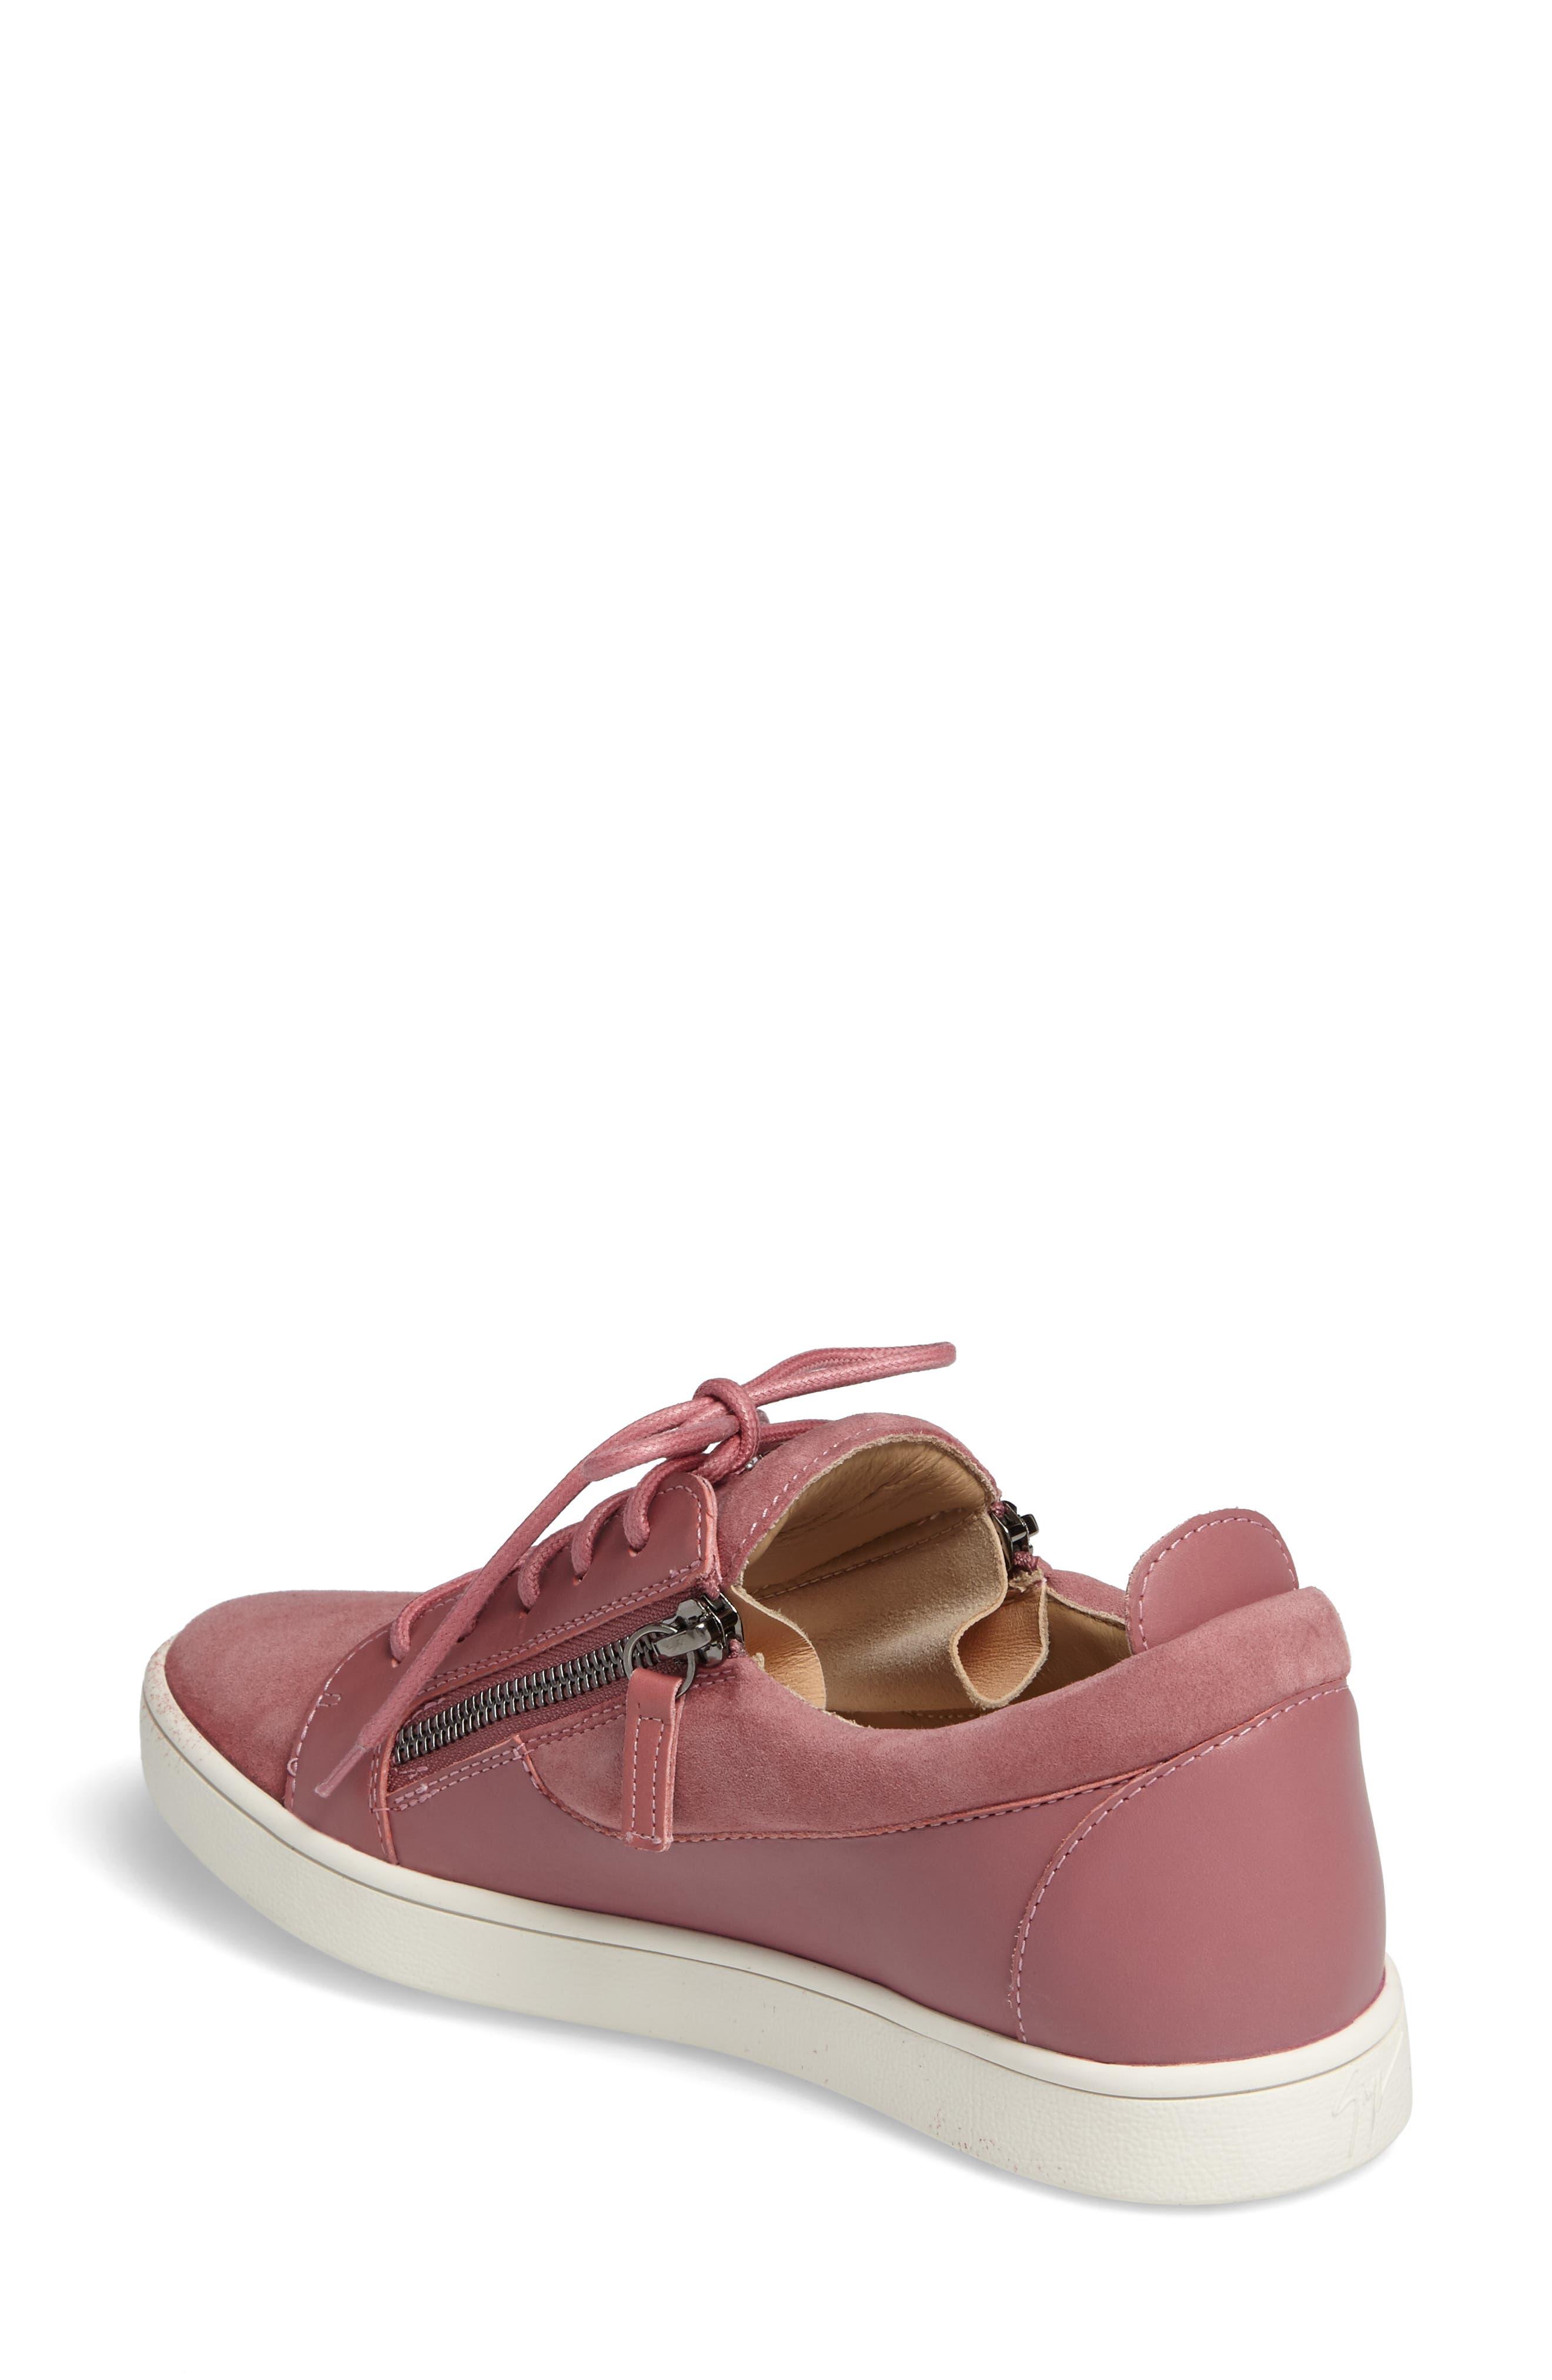 Alternate Image 2  - Giuseppe Zanotti Low Top Zip Sneaker (Women)